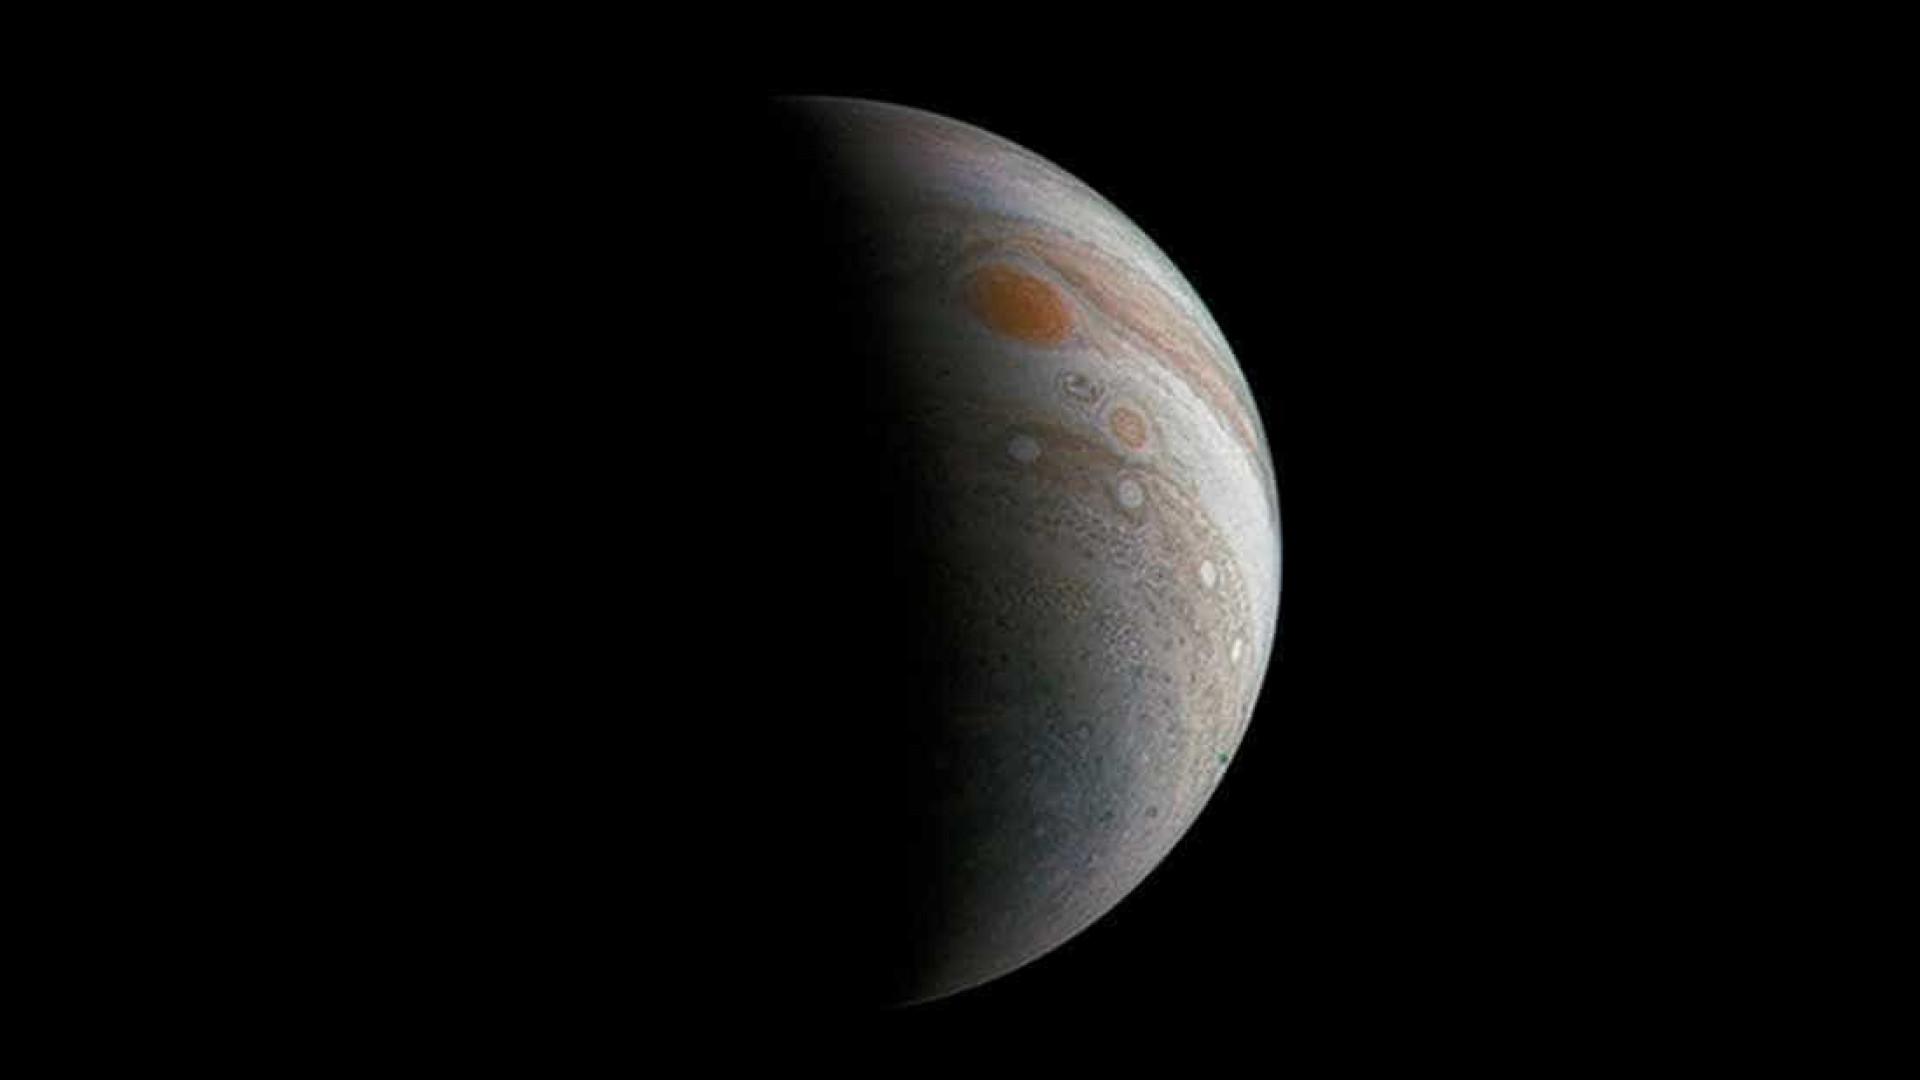 Nos anos 70, CIA contratou parapsicólogo  em estudo sobre Júpiter